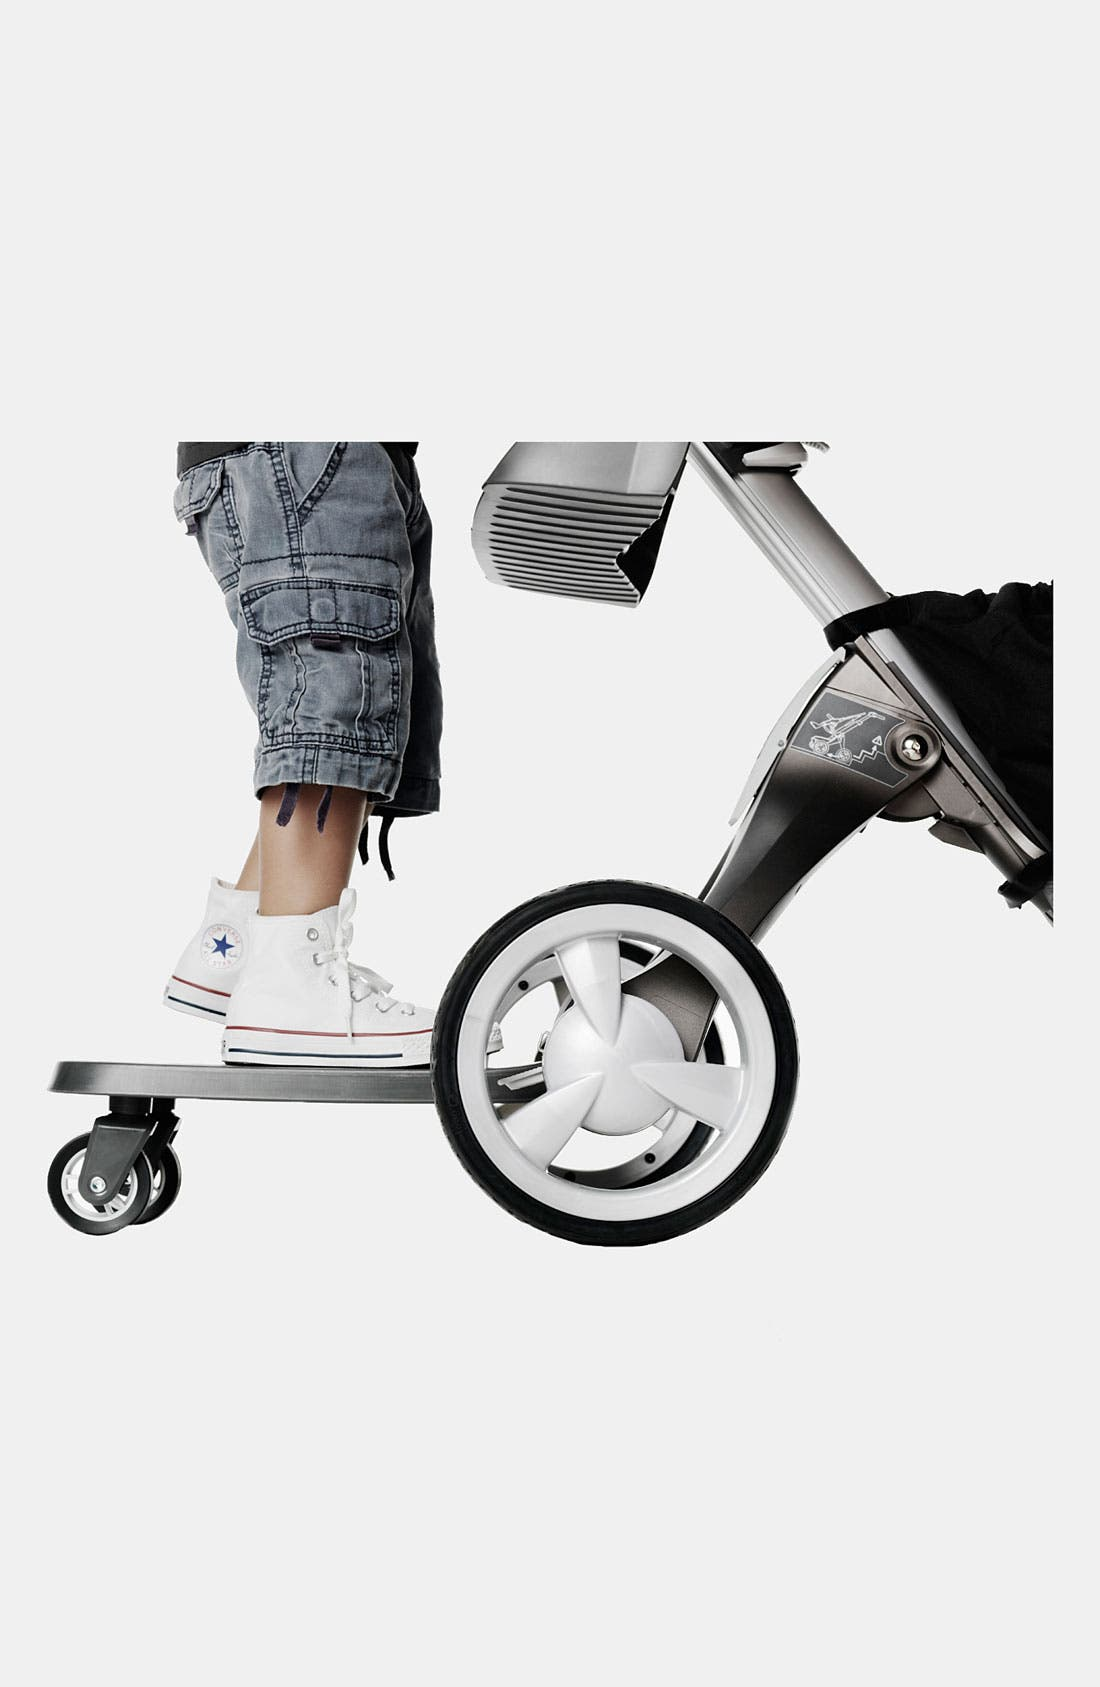 Stokke 'Xplory®' Stroller Rider